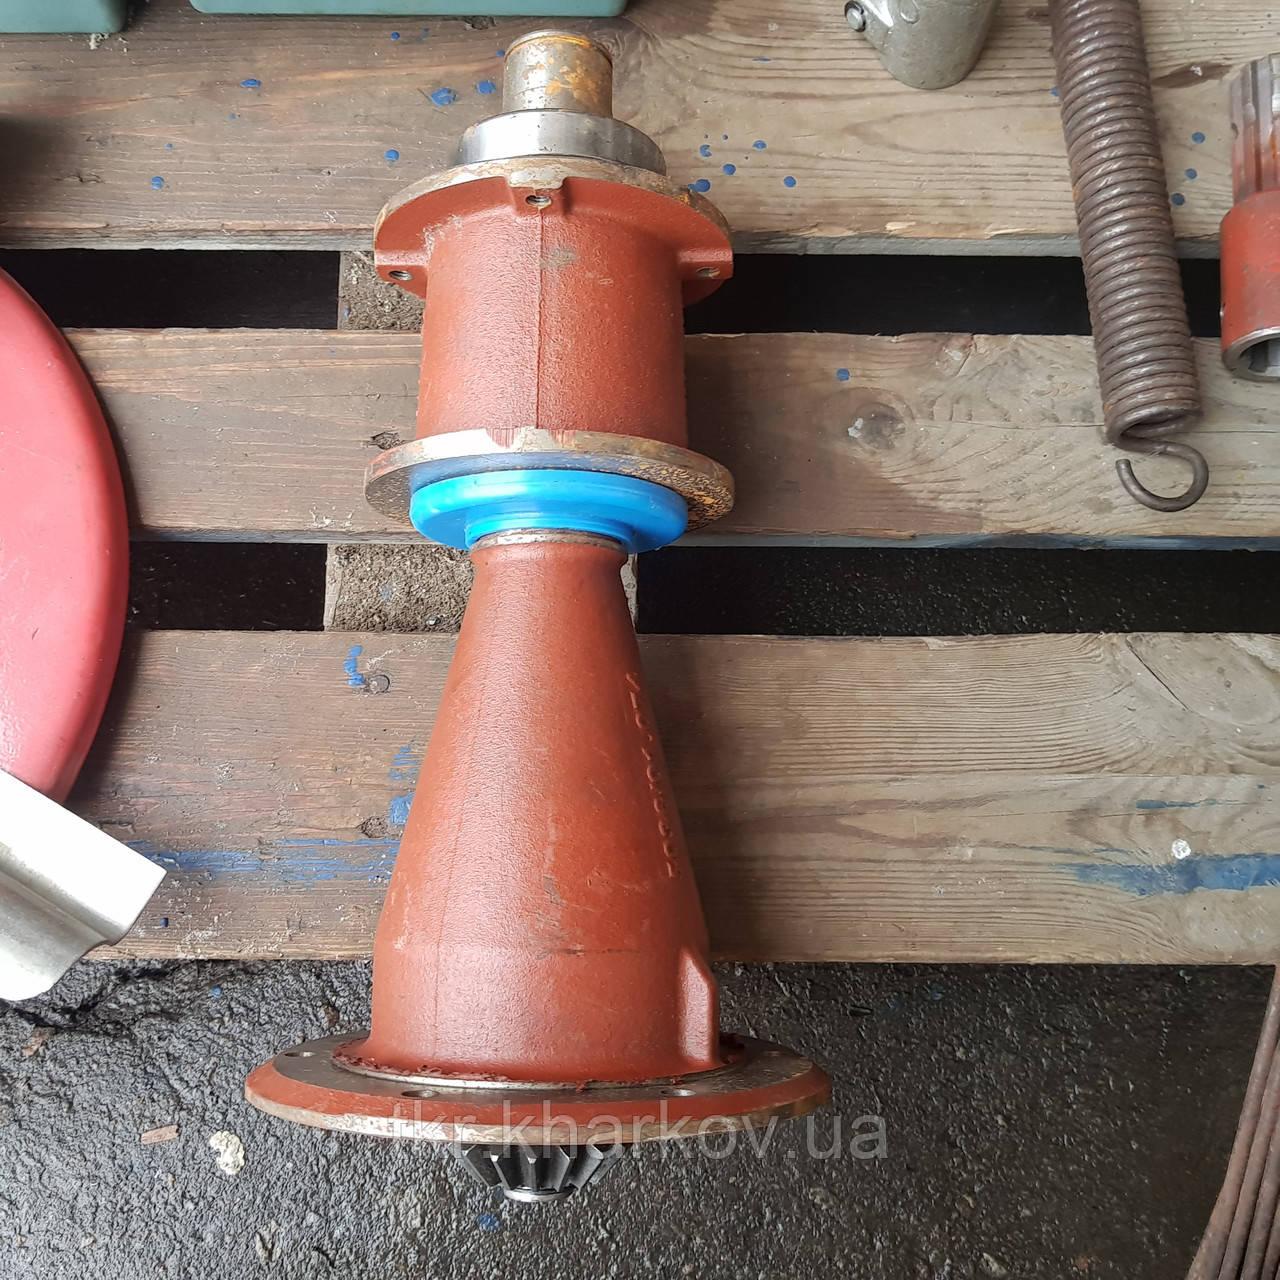 Ротор в сборе на косилку роторную z-169, z-173, z-001, z-069